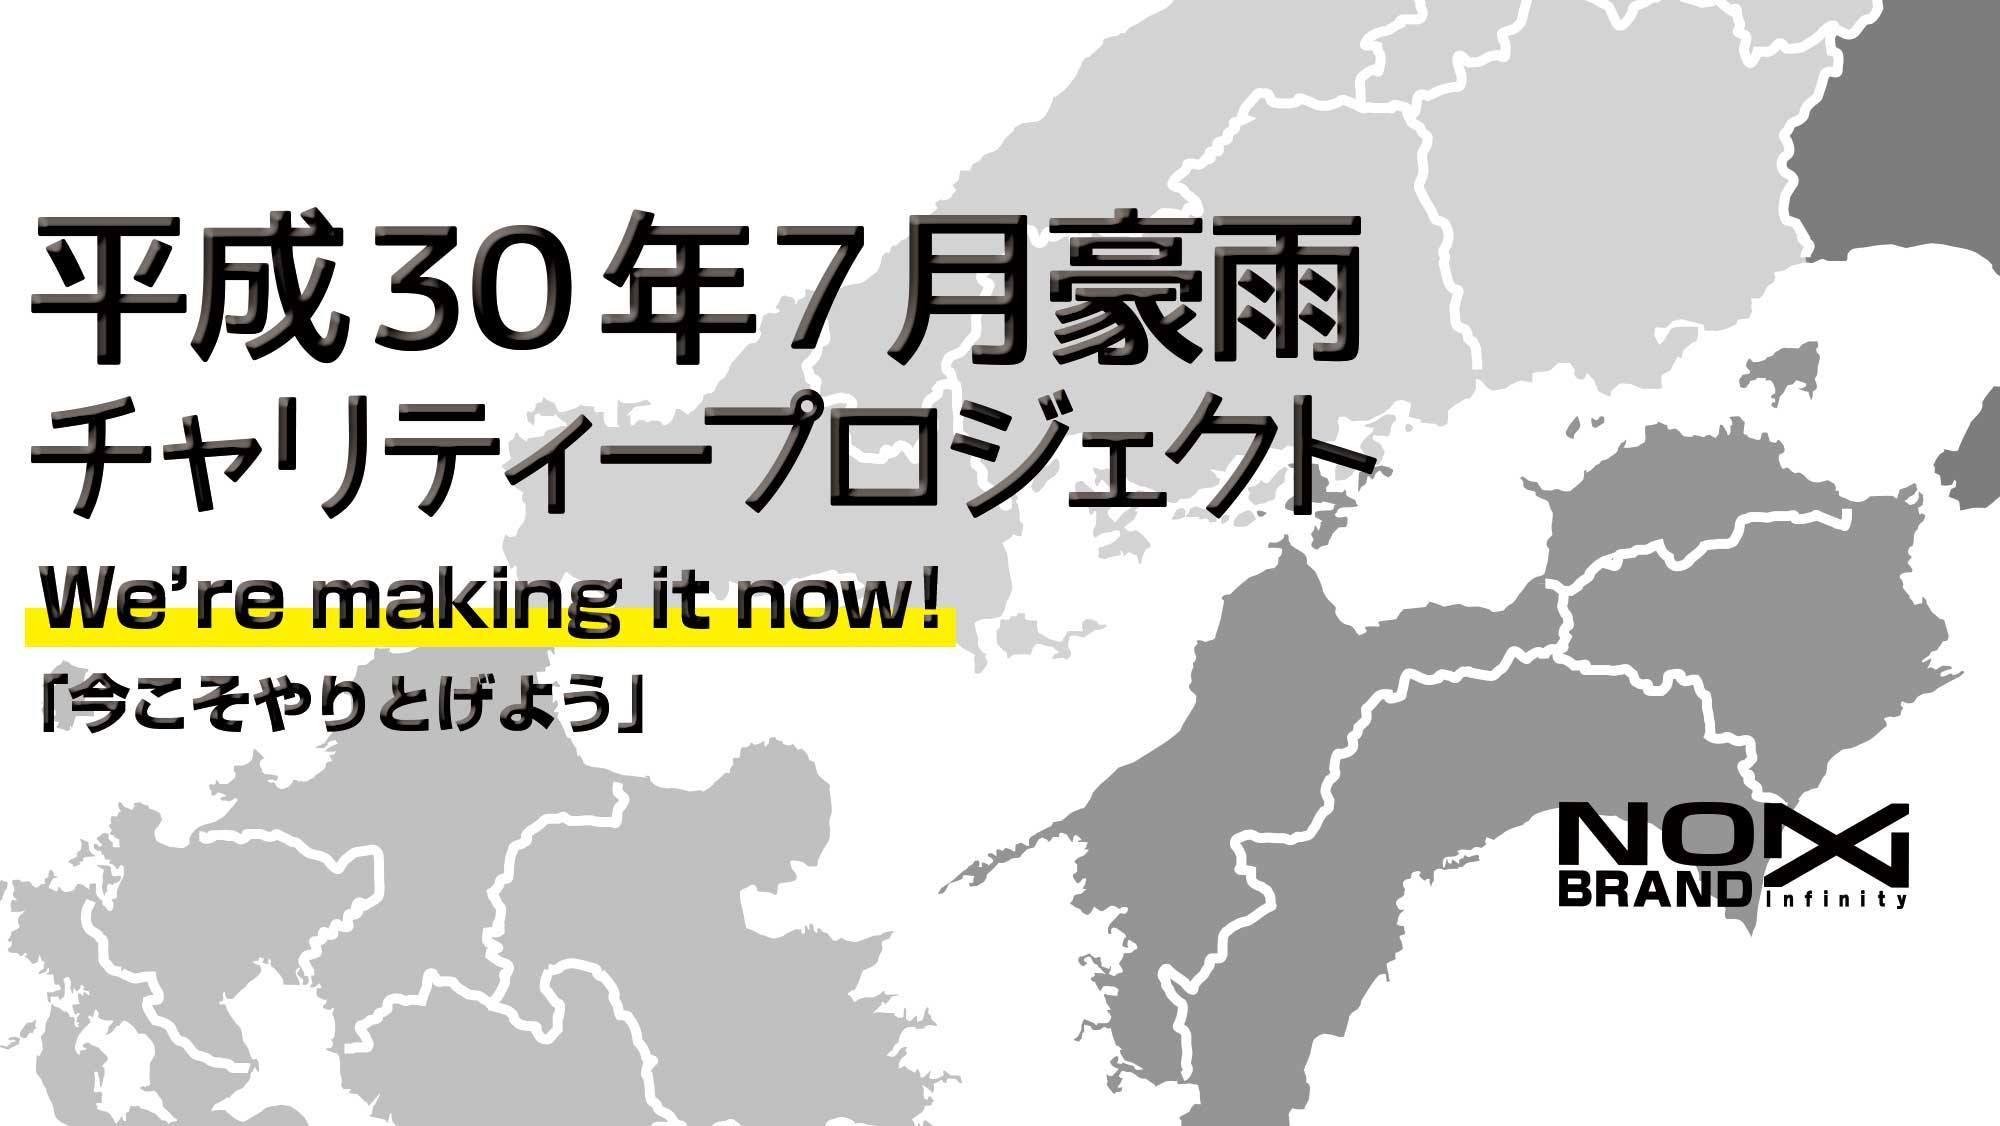 平成30年7月豪雨チャリティープロジェクト